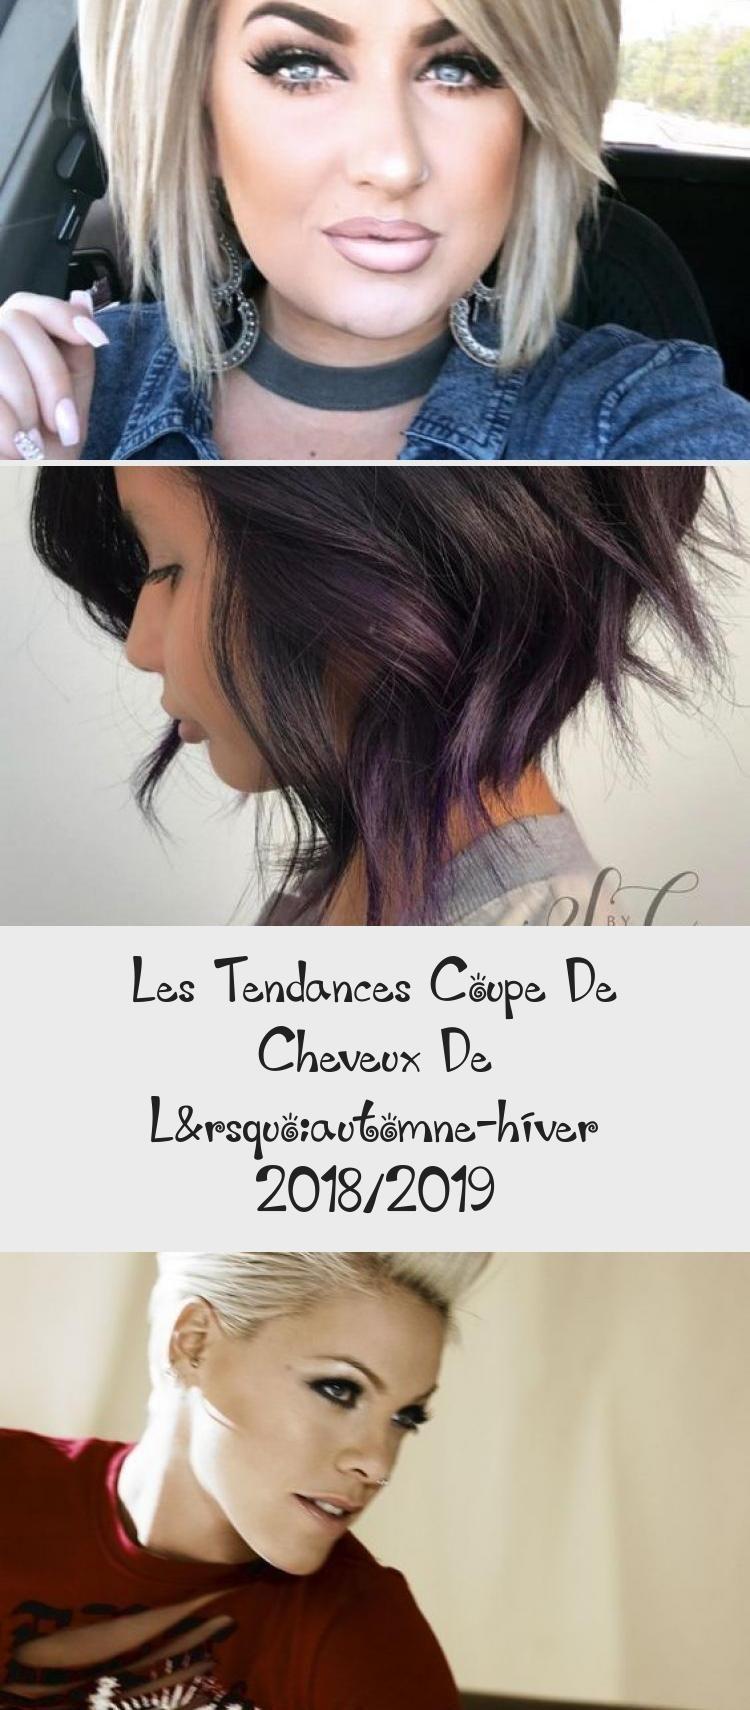 Les Tendances Coupe De Cheveux De L Automne Hiver 2018 2019 In 2020 Blog